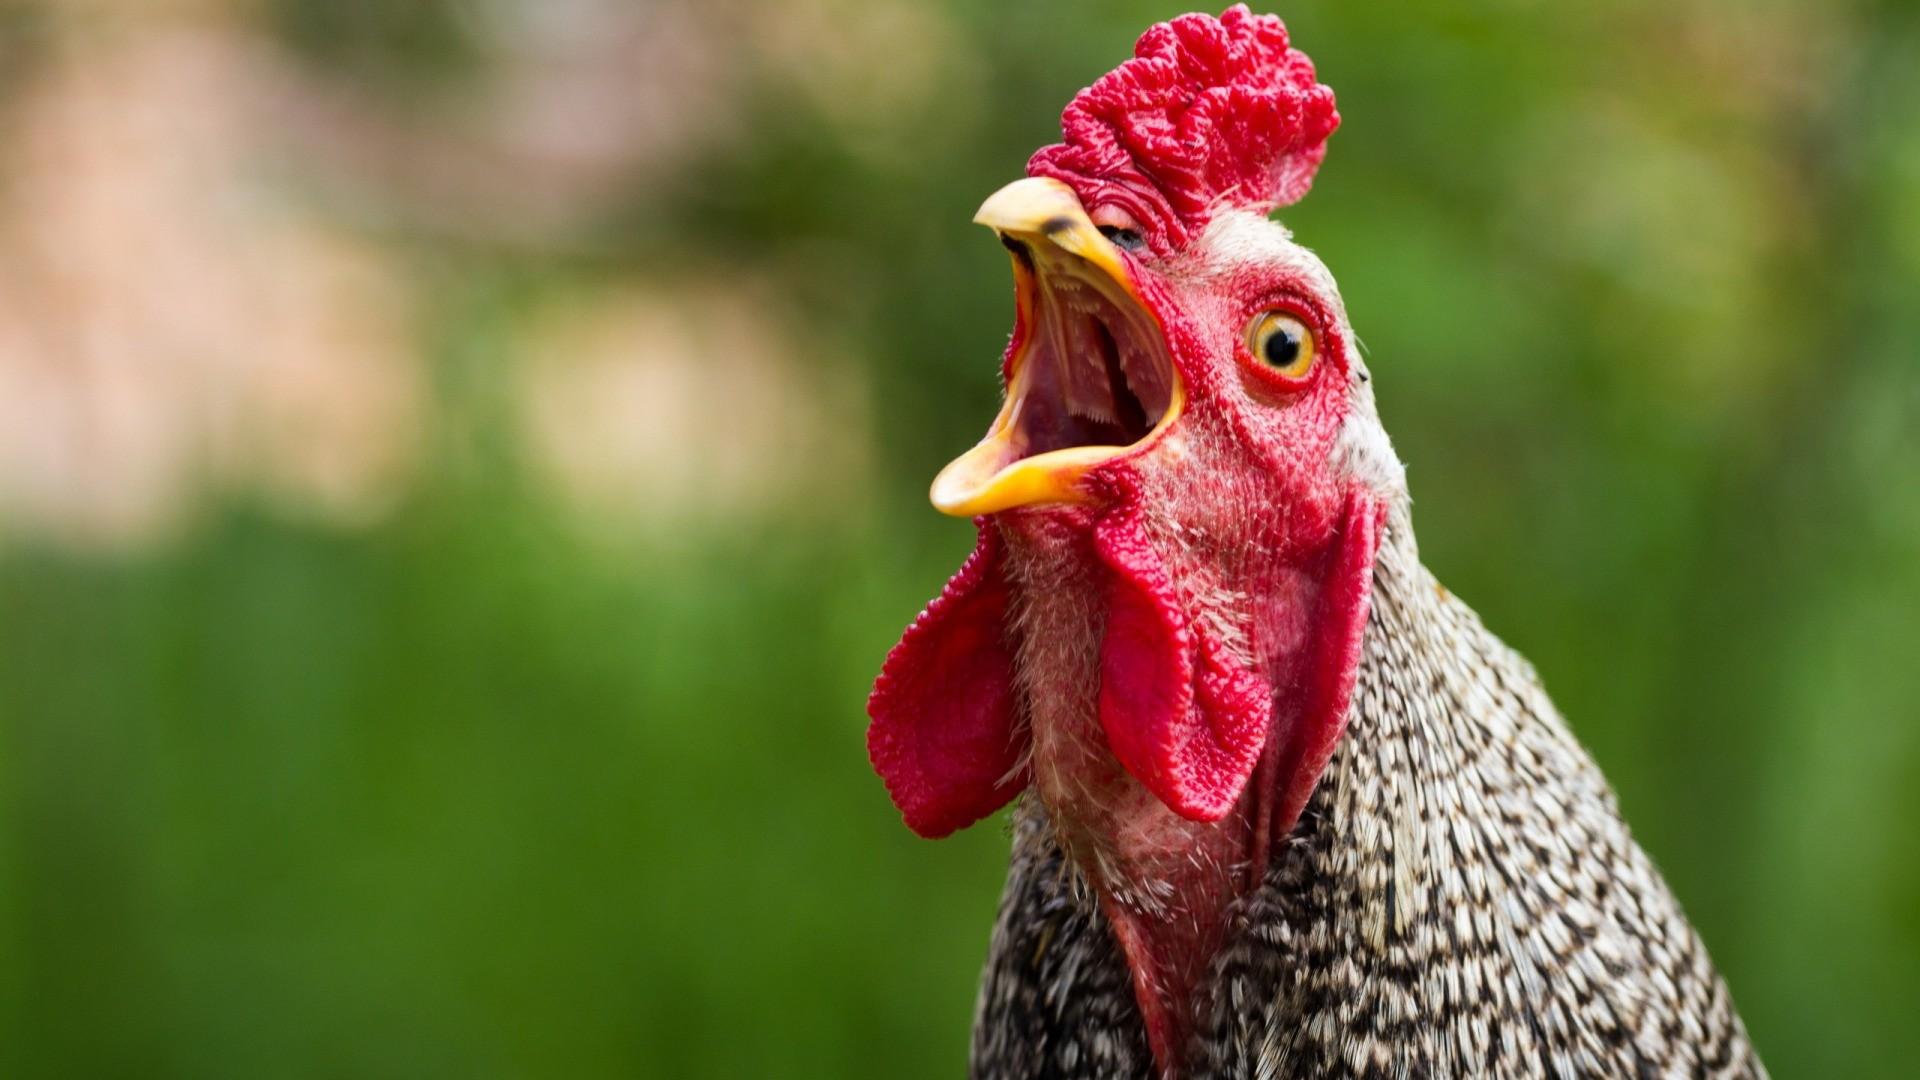 В результате чего у птицы созревает не одна, а сразу две яйцеклетки, которые вместе продолжают свой путь по яйцеводу и на выходе делаются двухжелтковым яйцом.